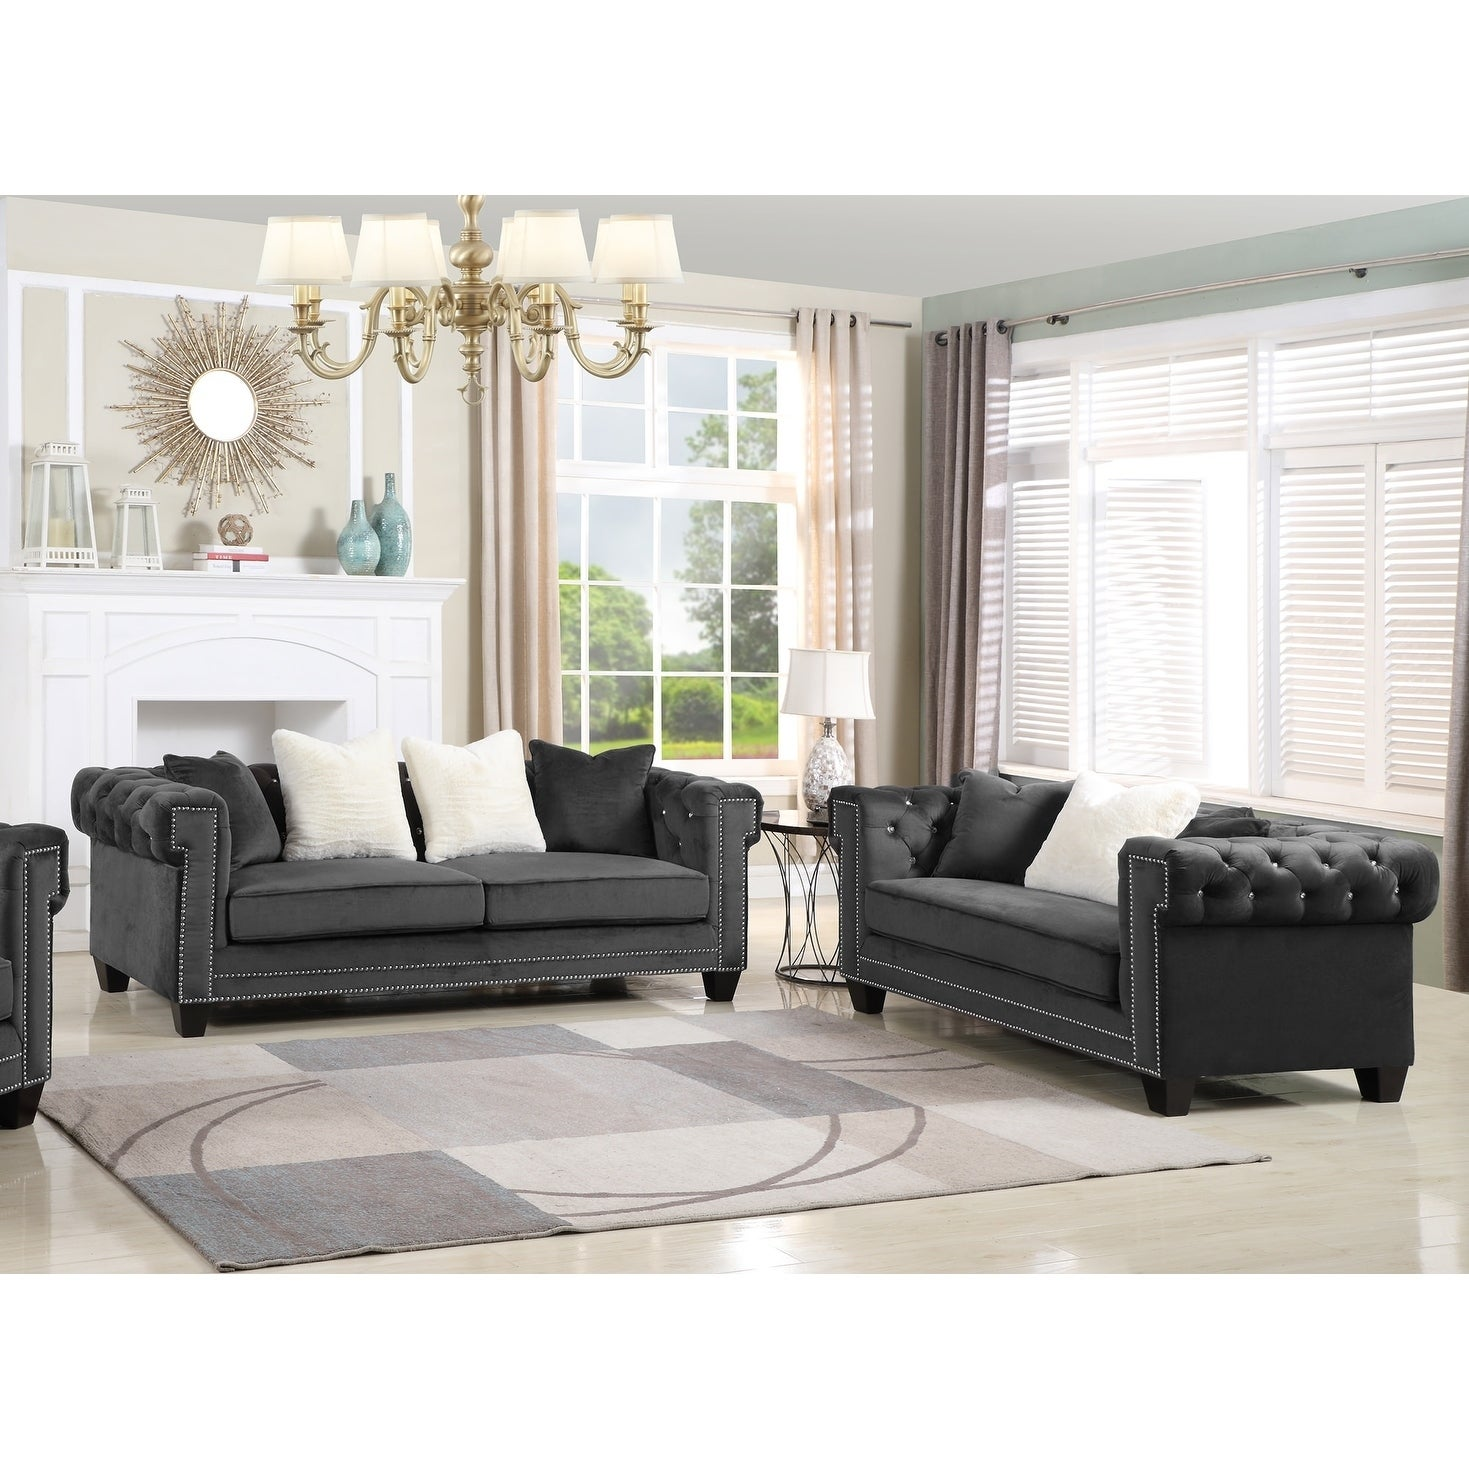 Best Master Furniture Velvet Upholstered 2 Pcs Living Room Set ...